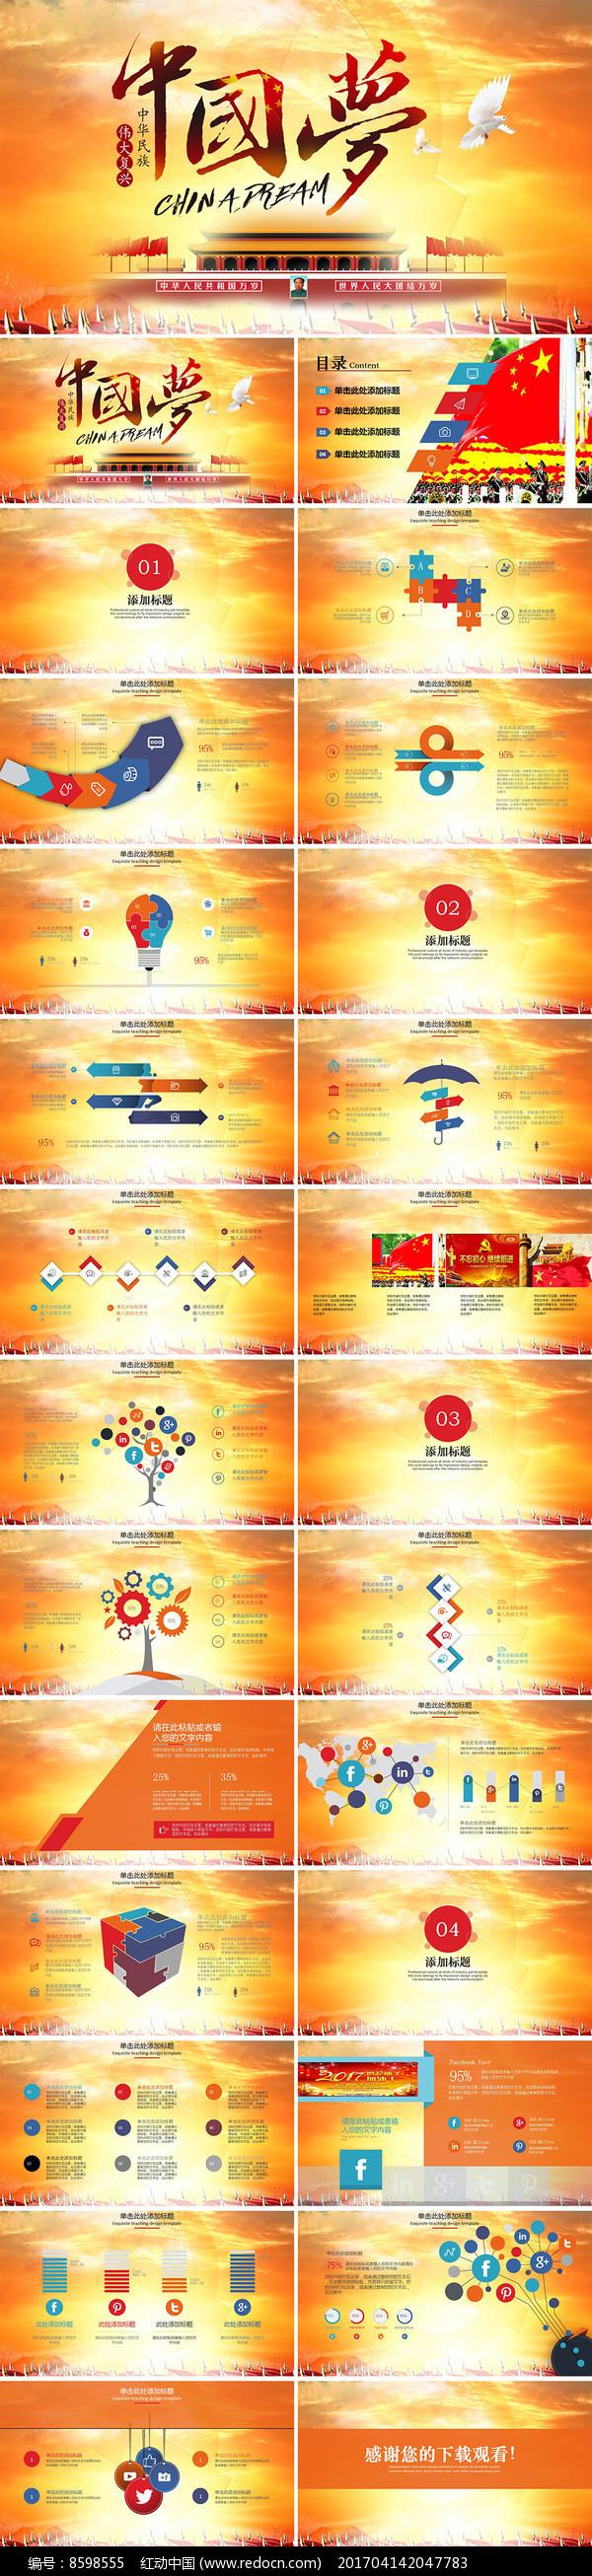 中国梦党政府PPT